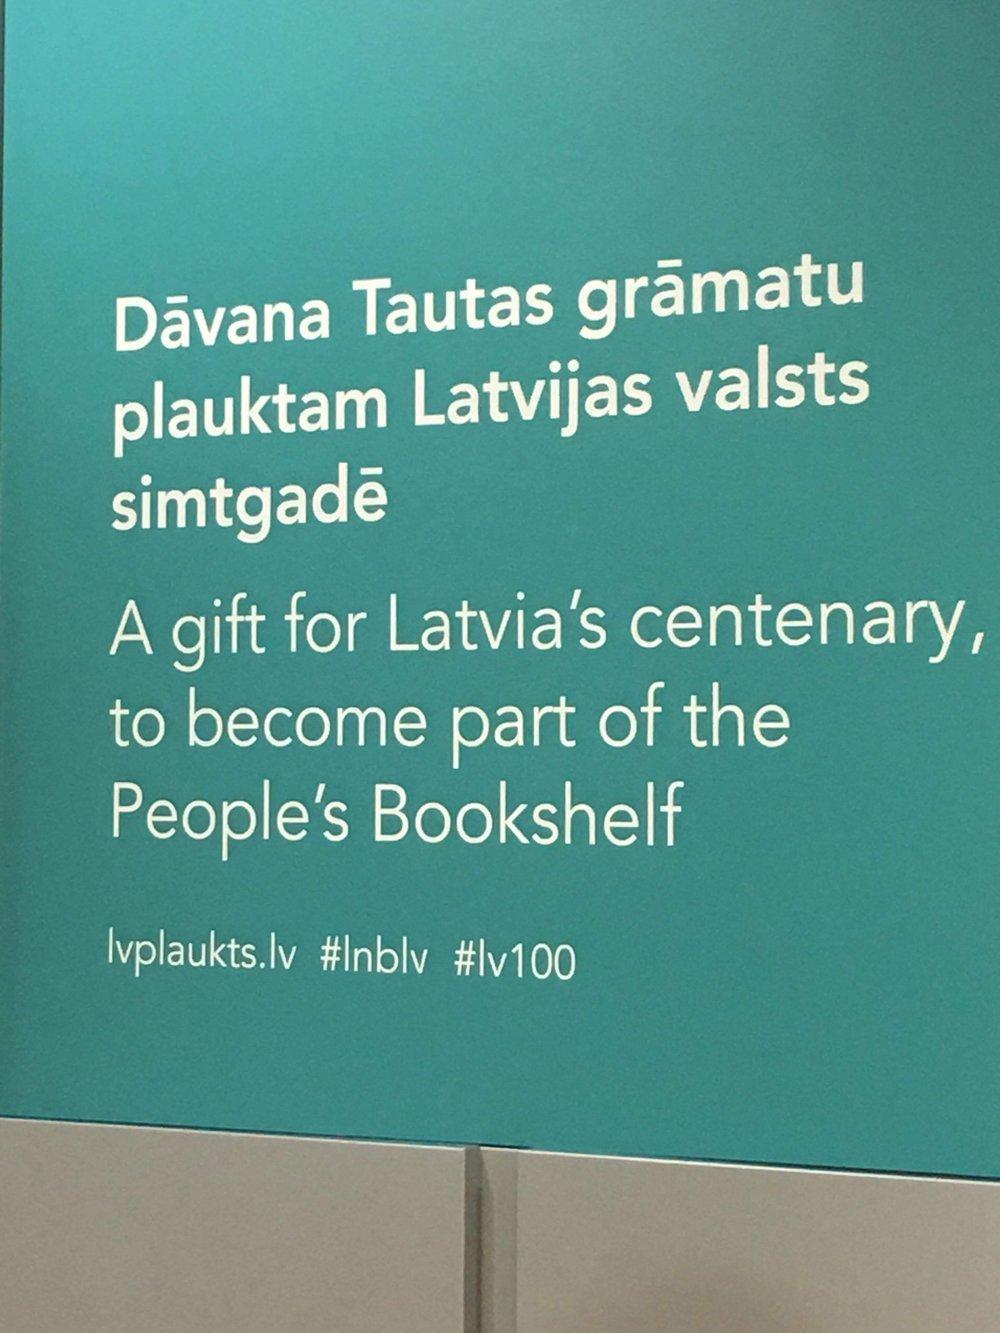 20180417_detnorskebiblioteket_144.jpg